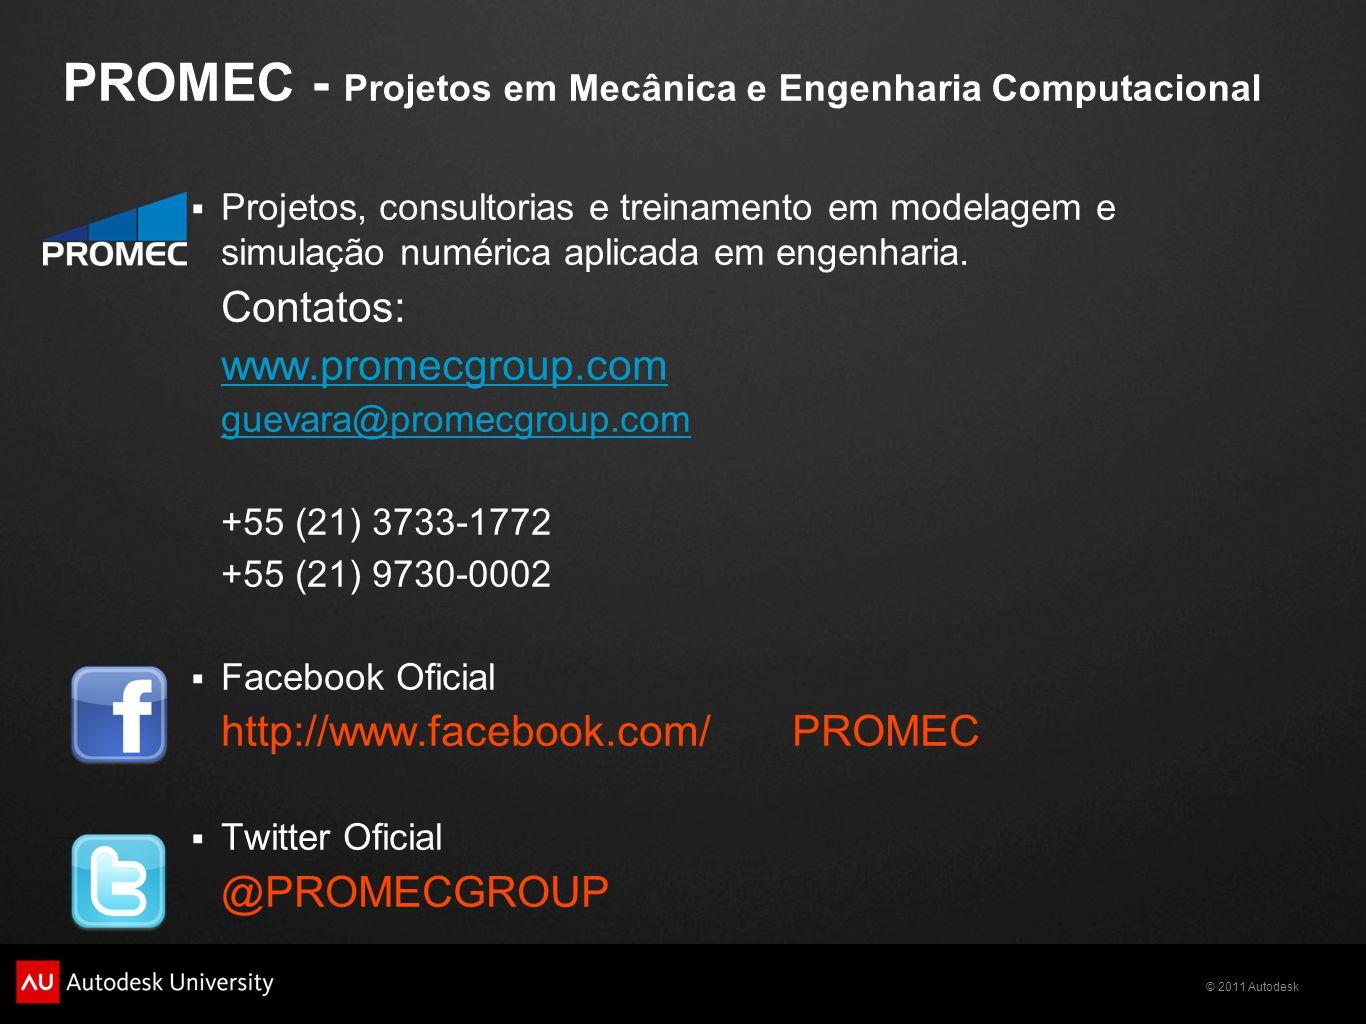 PROMEC - Projetos em Mecânica e Engenharia Computacional